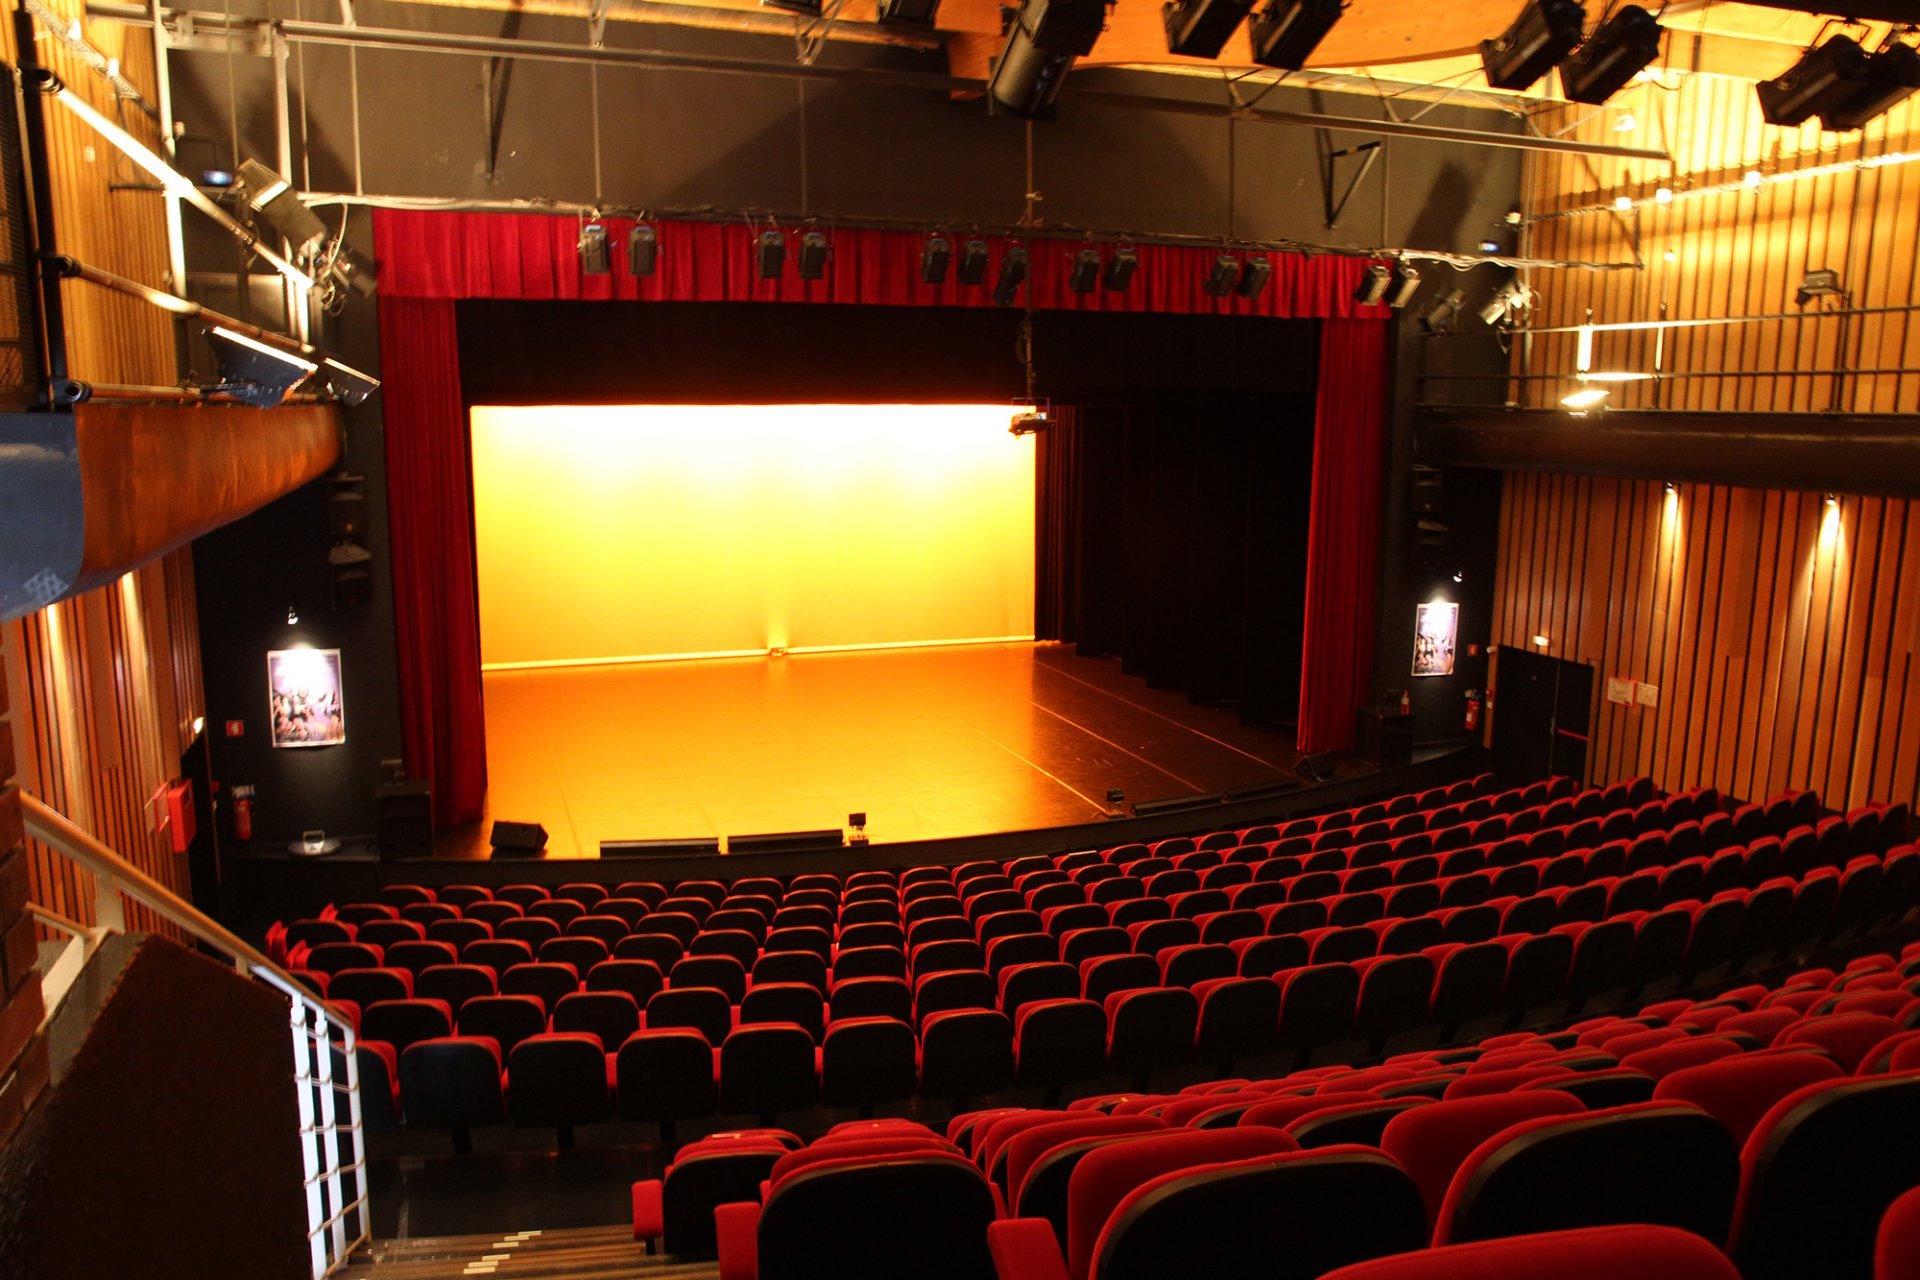 Publicité dans les théâtres, une incidence sur la valeur locative ?